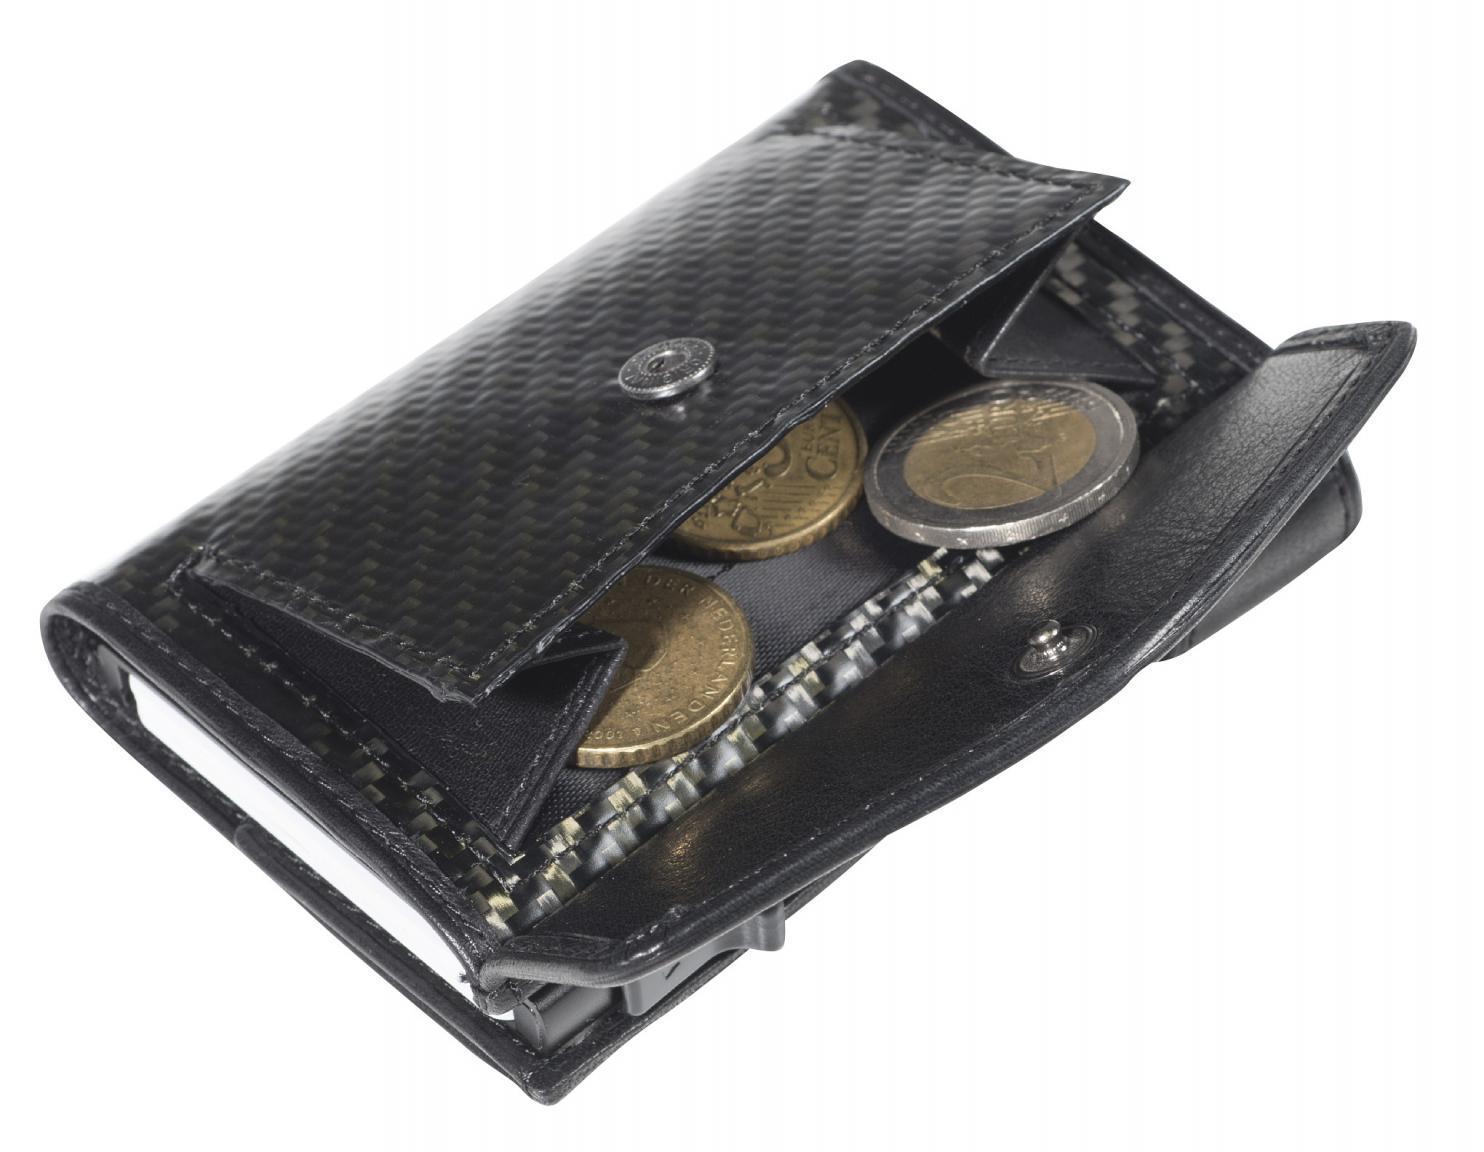 RFID-Schutzetui Tony Perotti Carbonstruktur schwarz Münzfach